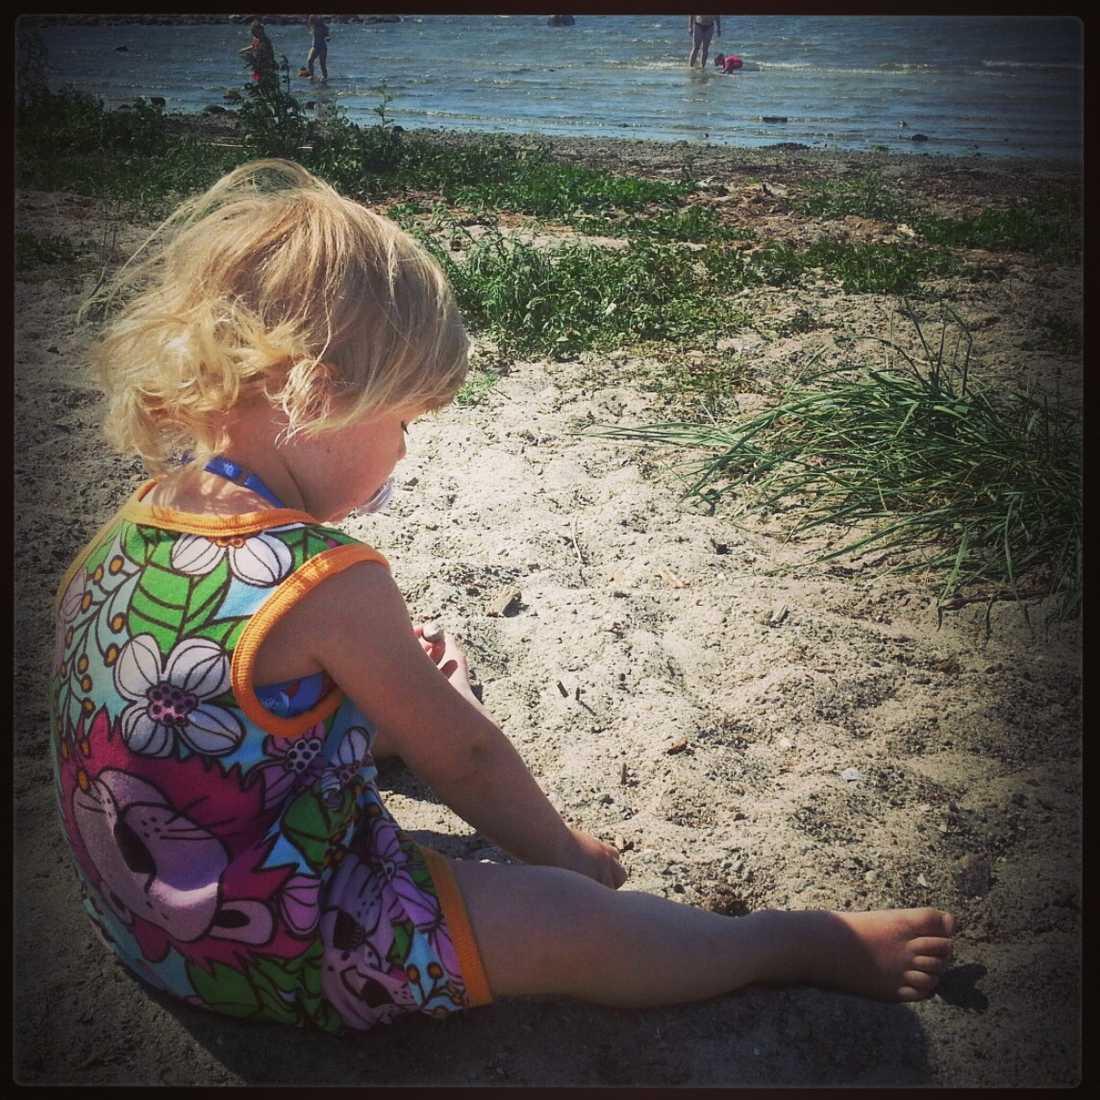 Min dotter Milla leker på stranden.